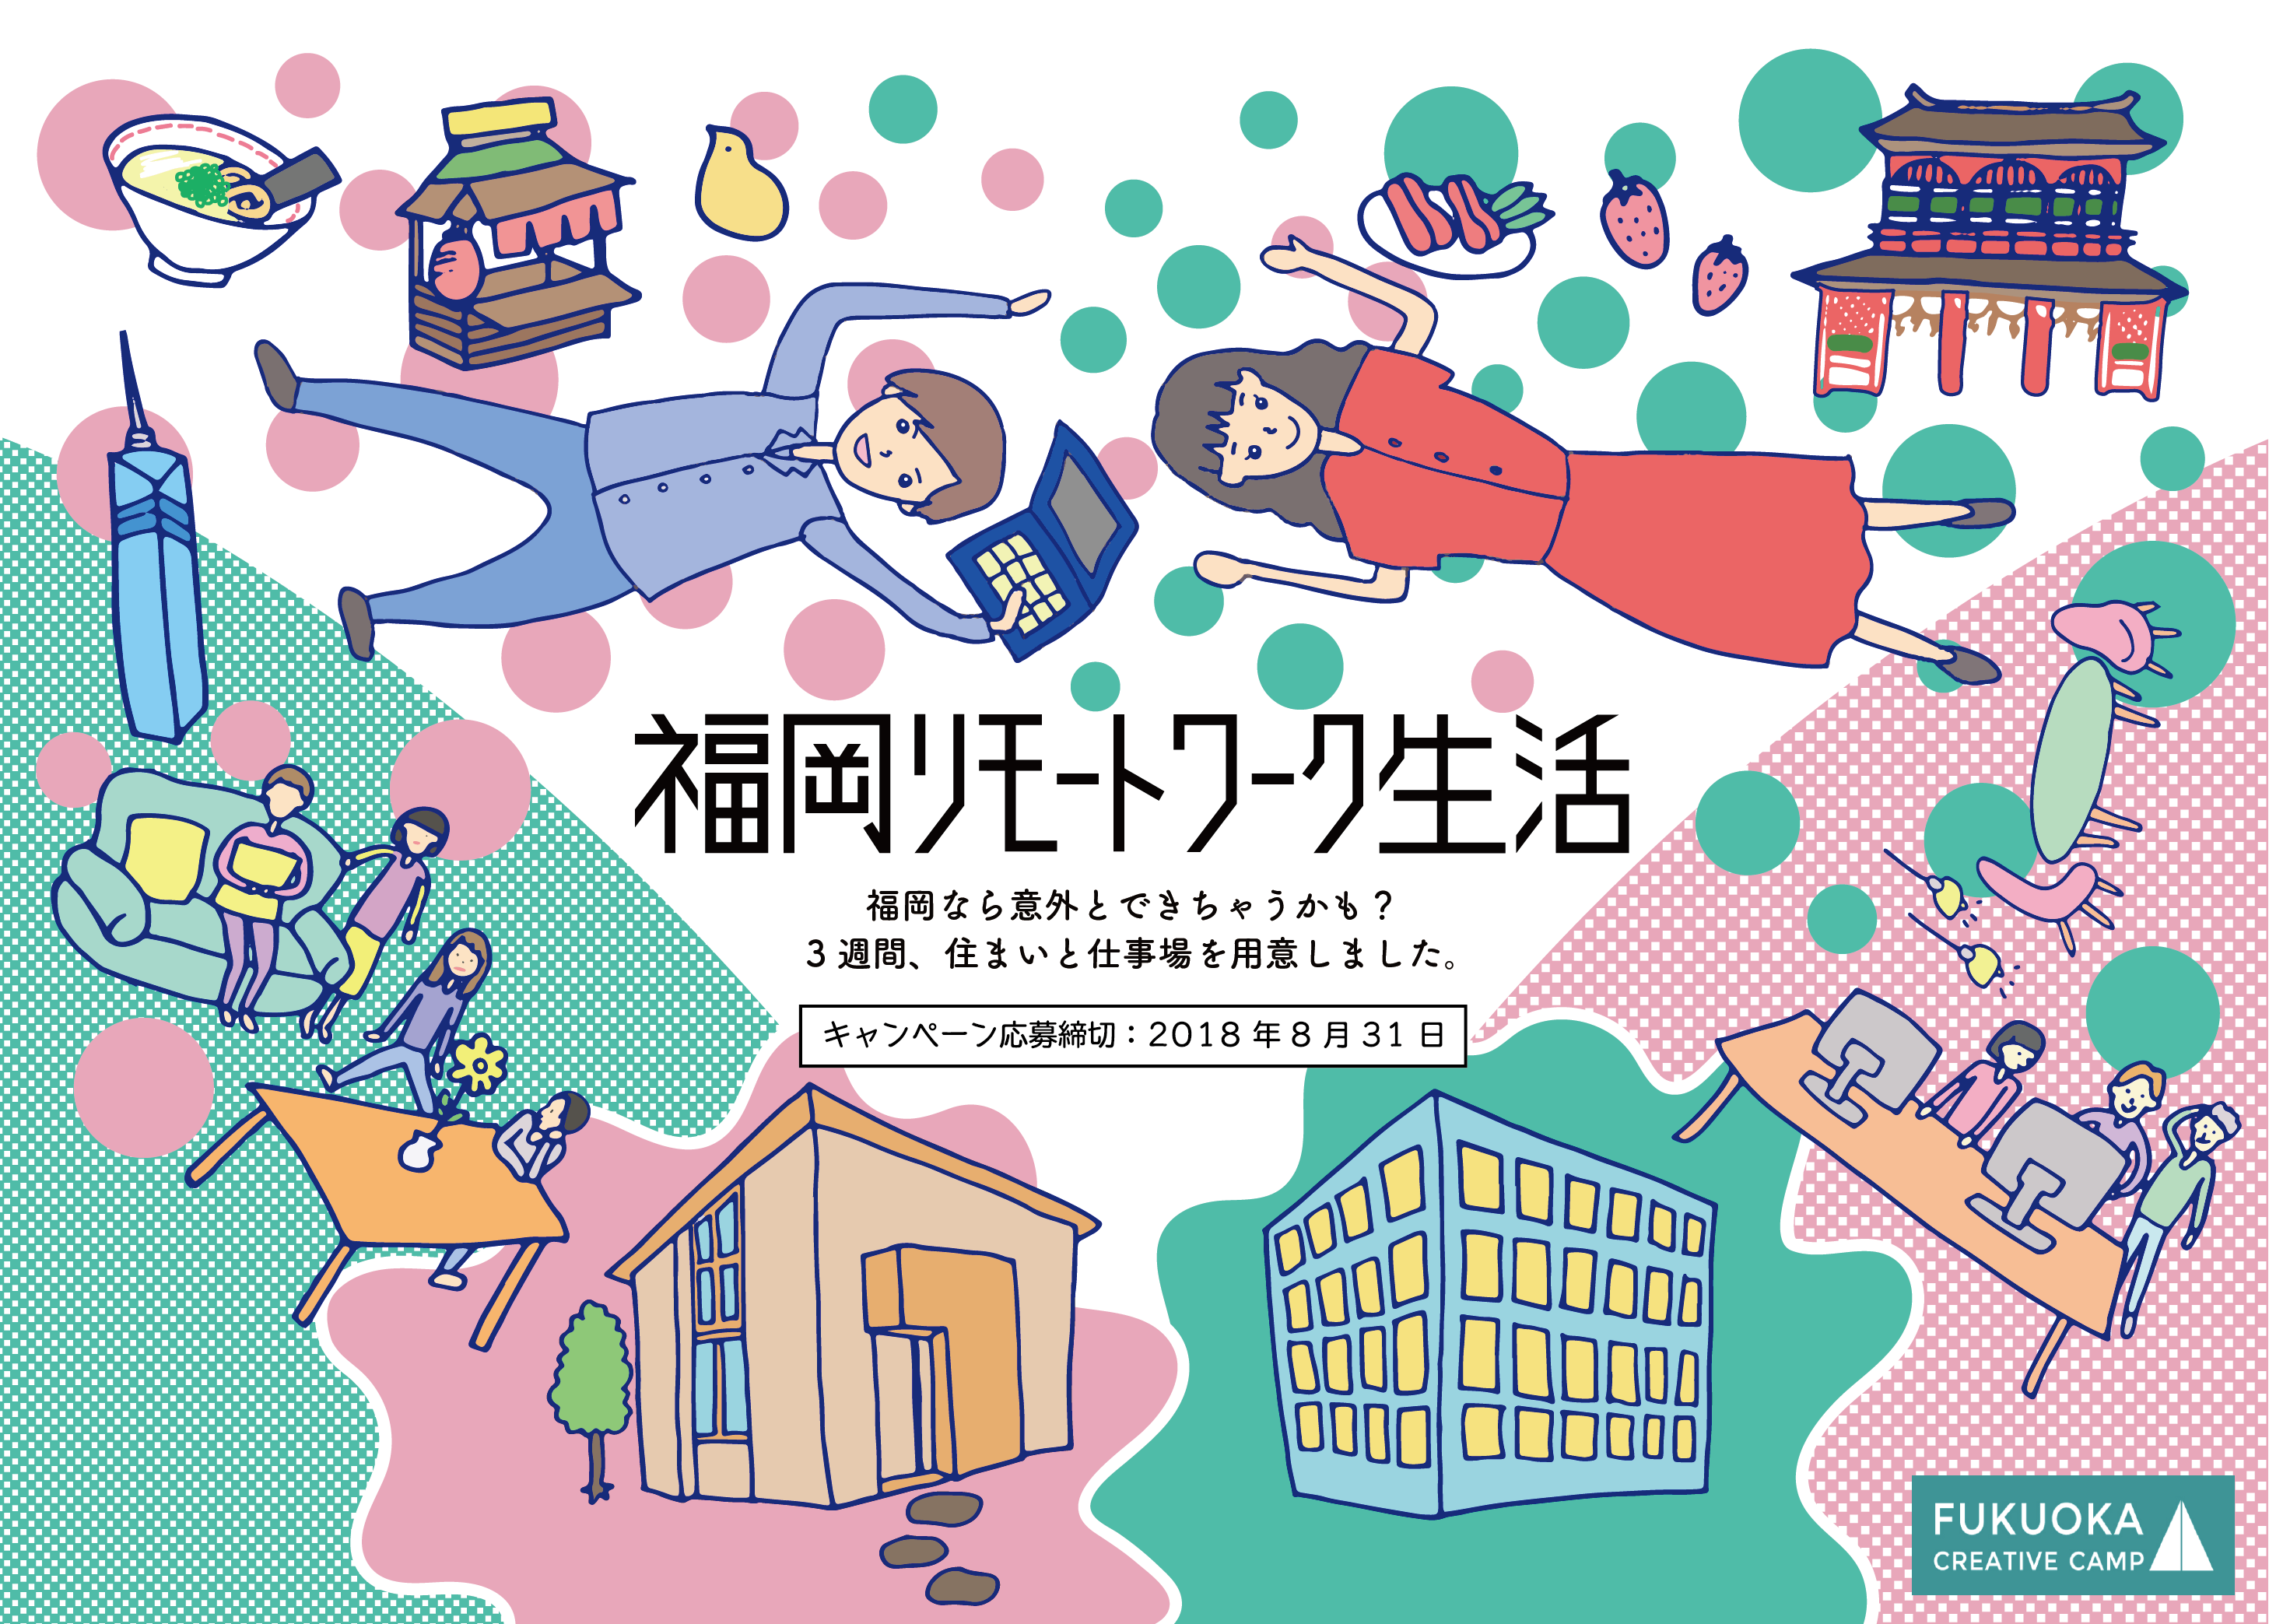 「お試し福岡リモートワーク生活」参加者募集のお知らせ